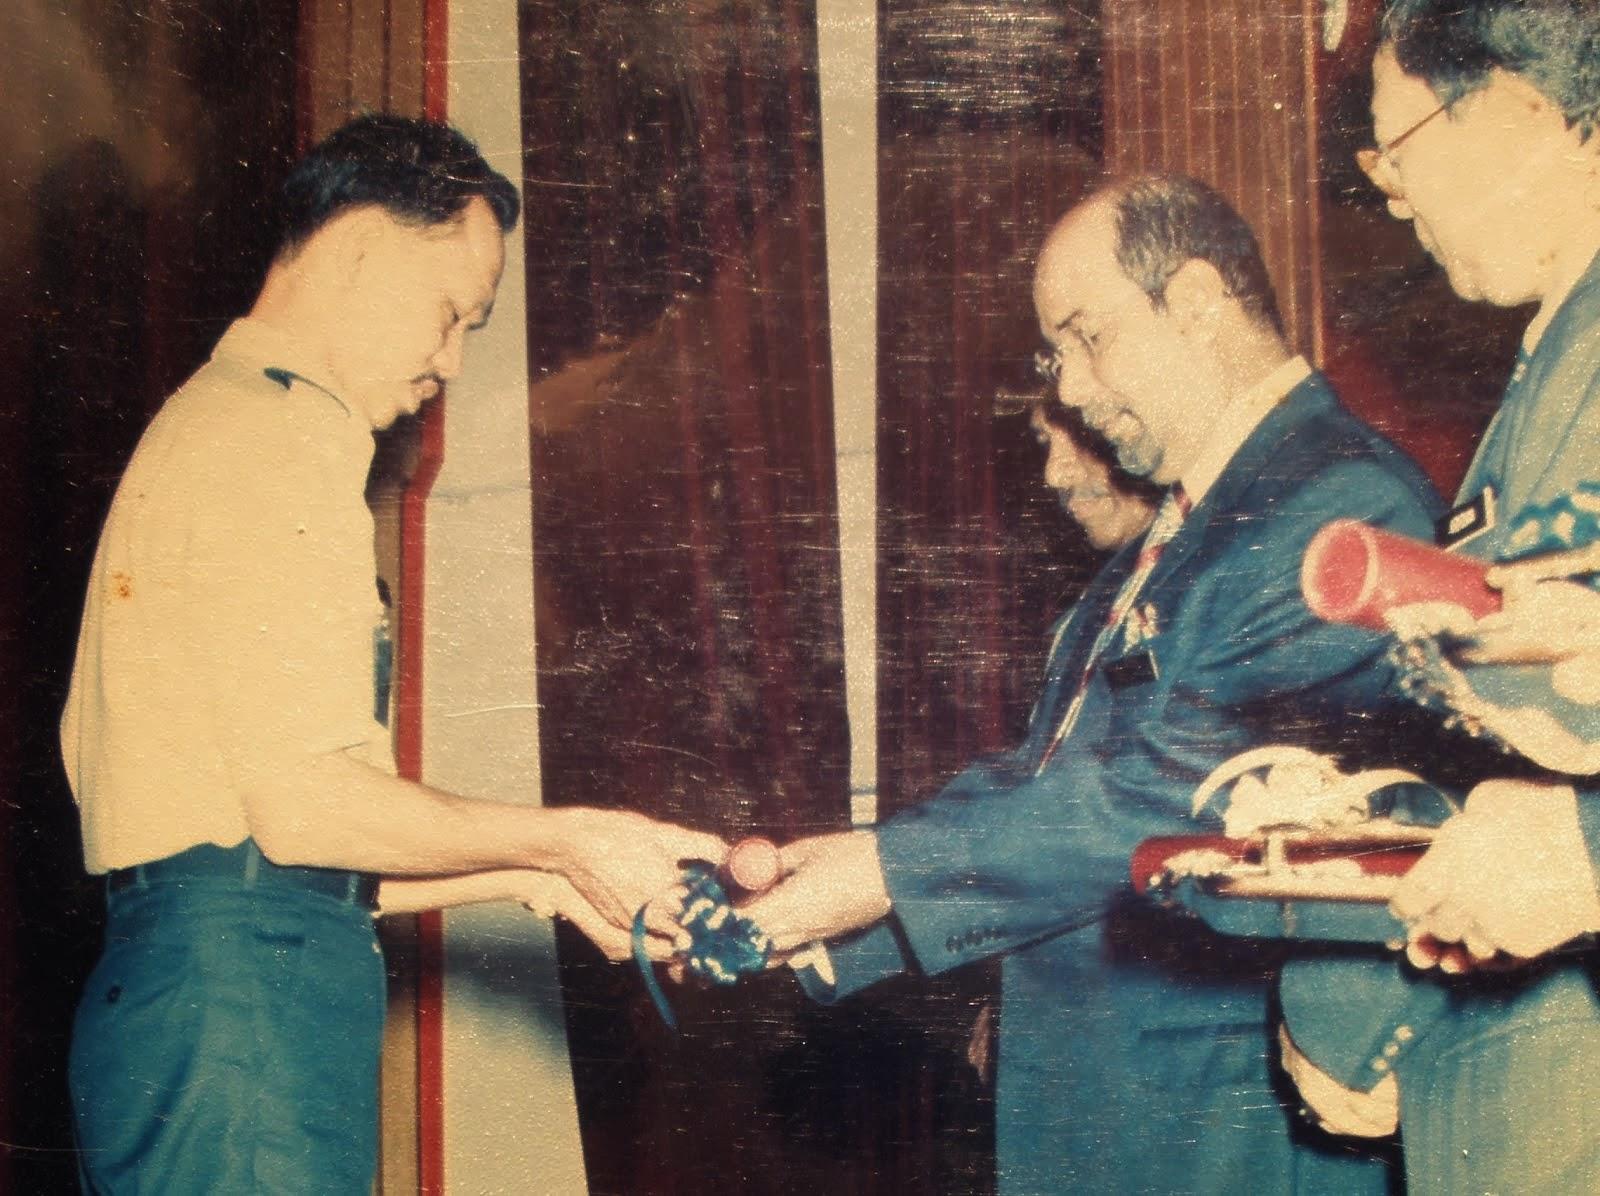 AKC MINDEF 1996